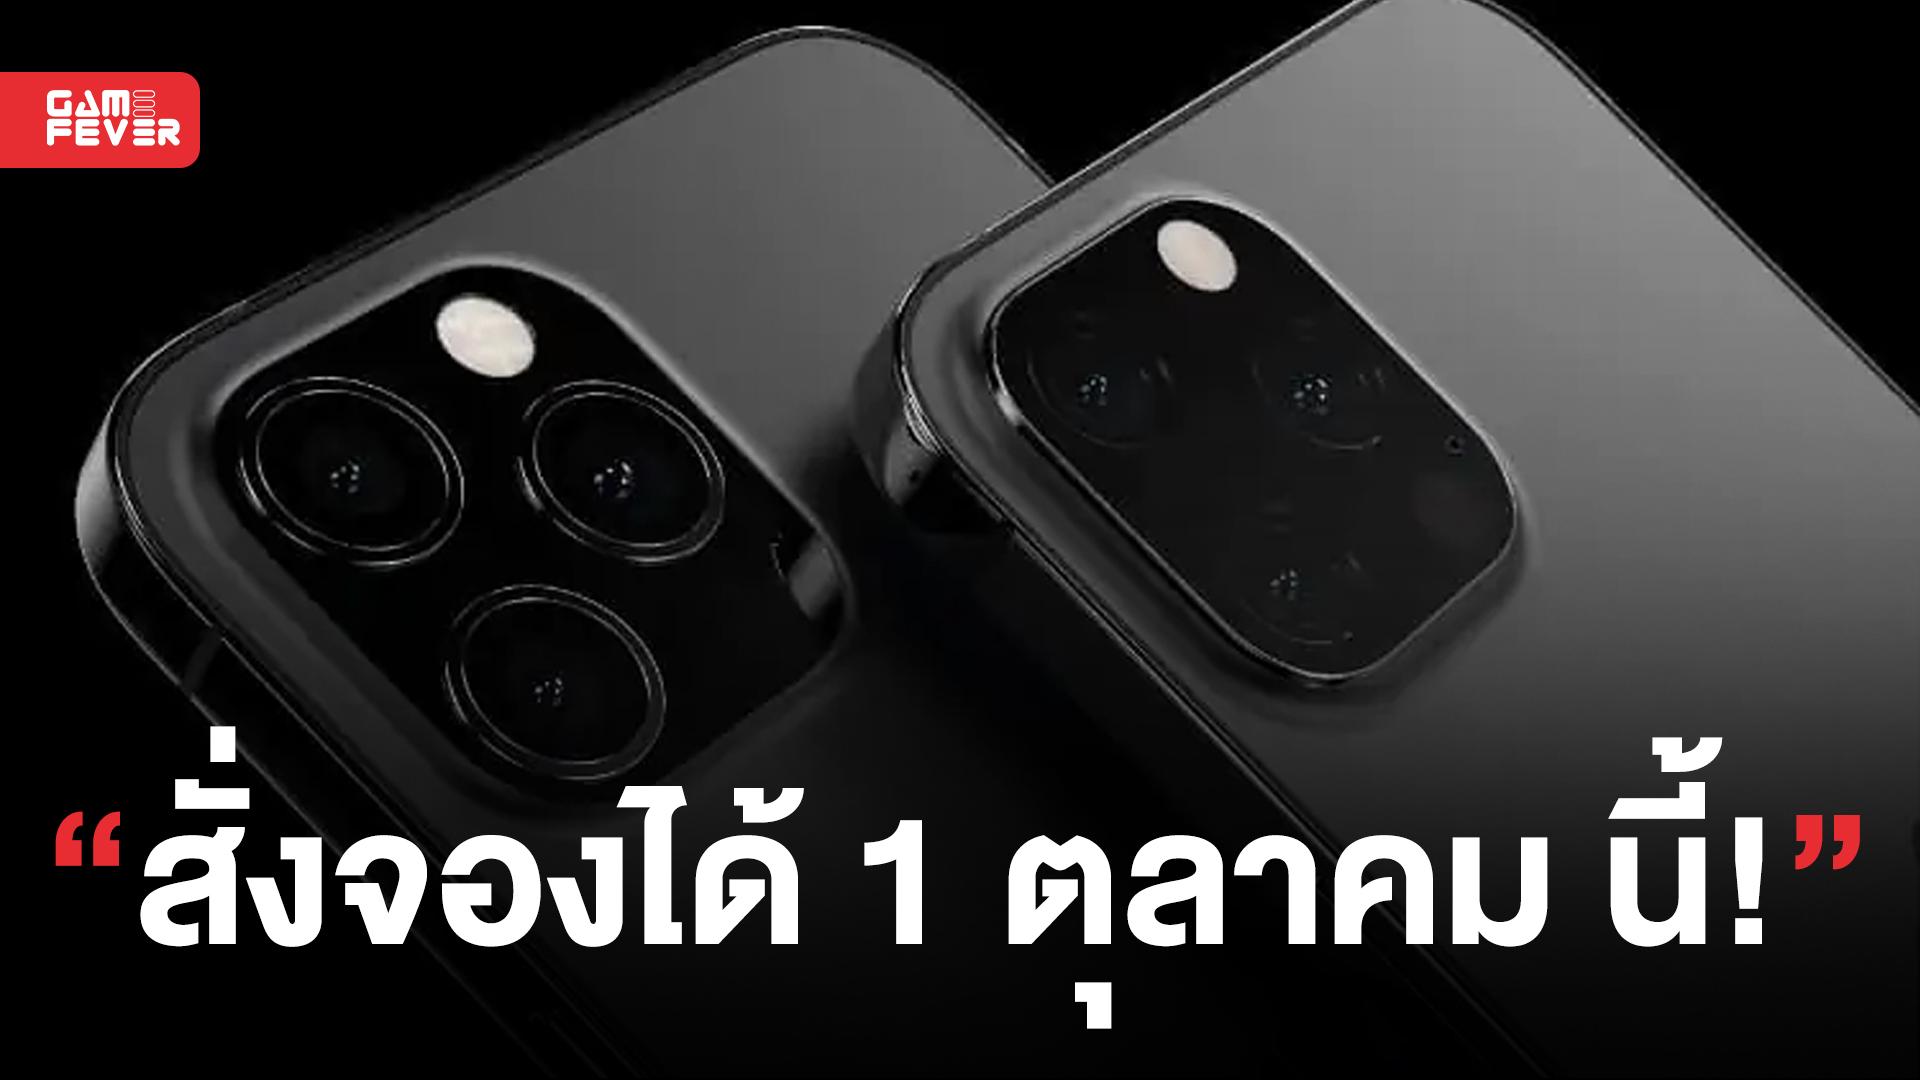 iPhone 13 เปิดตัวอย่างเป็นทางการ GPU แรงขึ้น น้ำหนักมากขึ้นเล็กน้อย และยาวขึ้น!